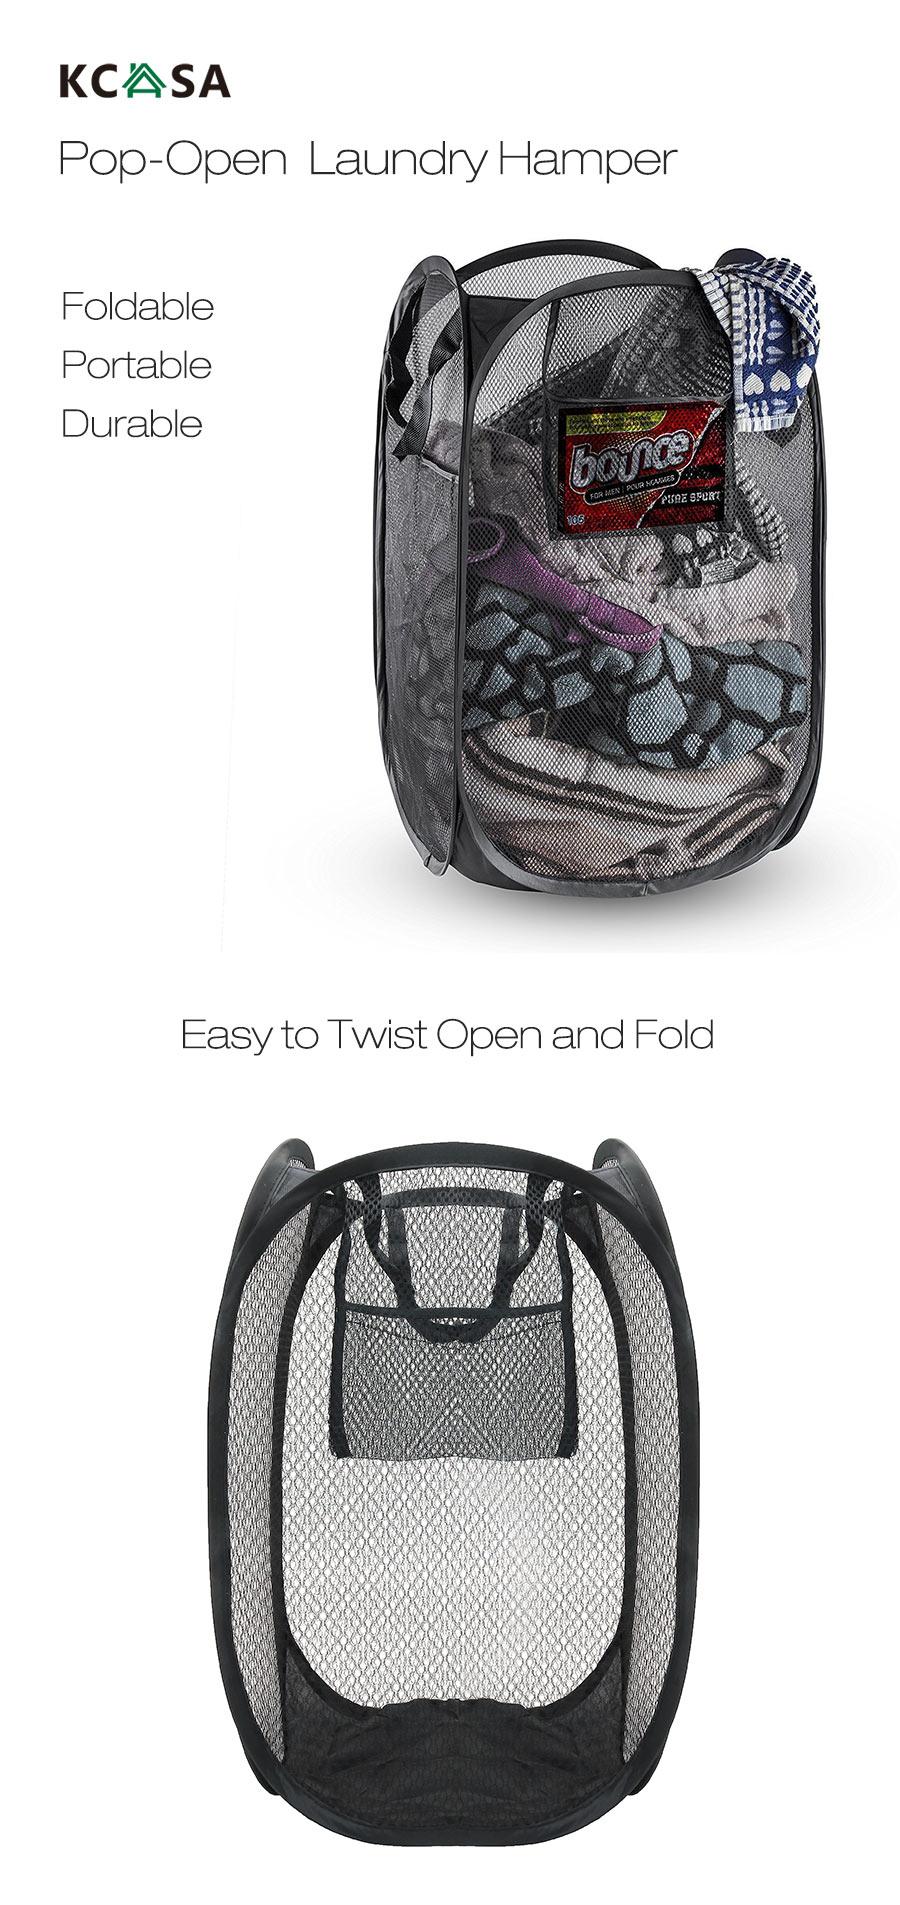 KCASA KC-0916 Mesh Pop Up Laundry Hamper Foldable Laundry Basket Household Clothing Organizer